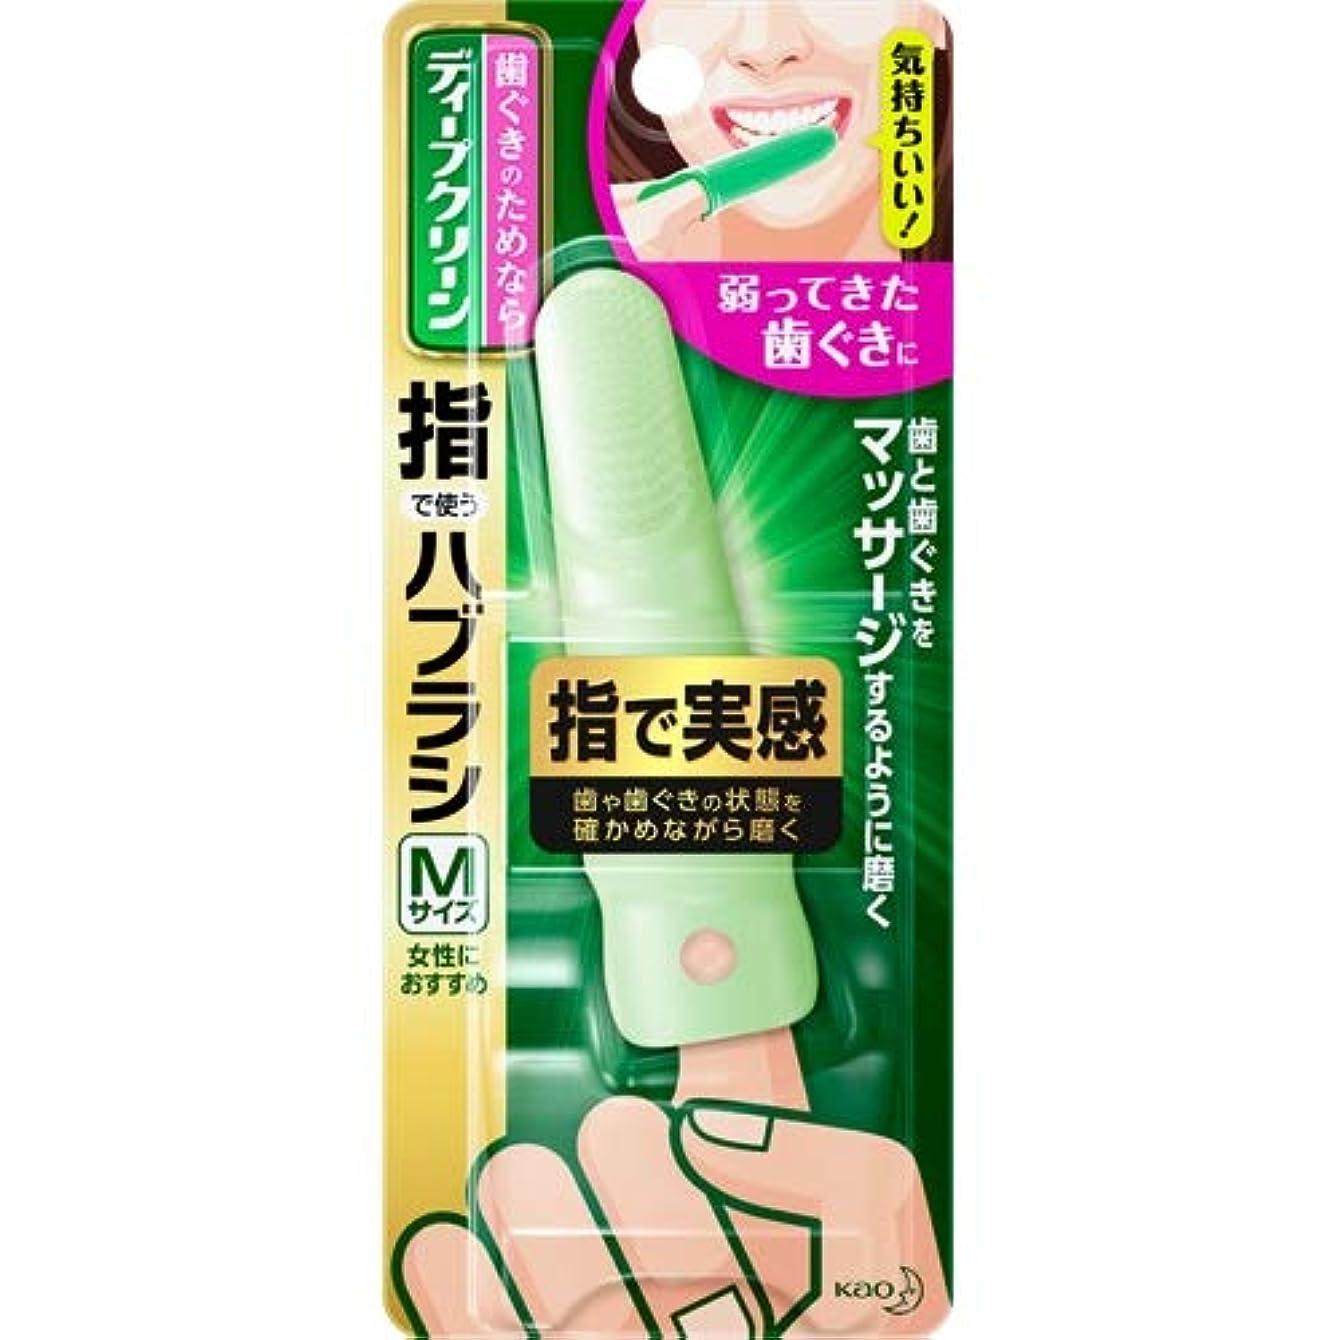 伝統的サーキットに行く代数的ディープクリーン 指で使うハブラシ Mサイズ (女性におすすめサイズ)